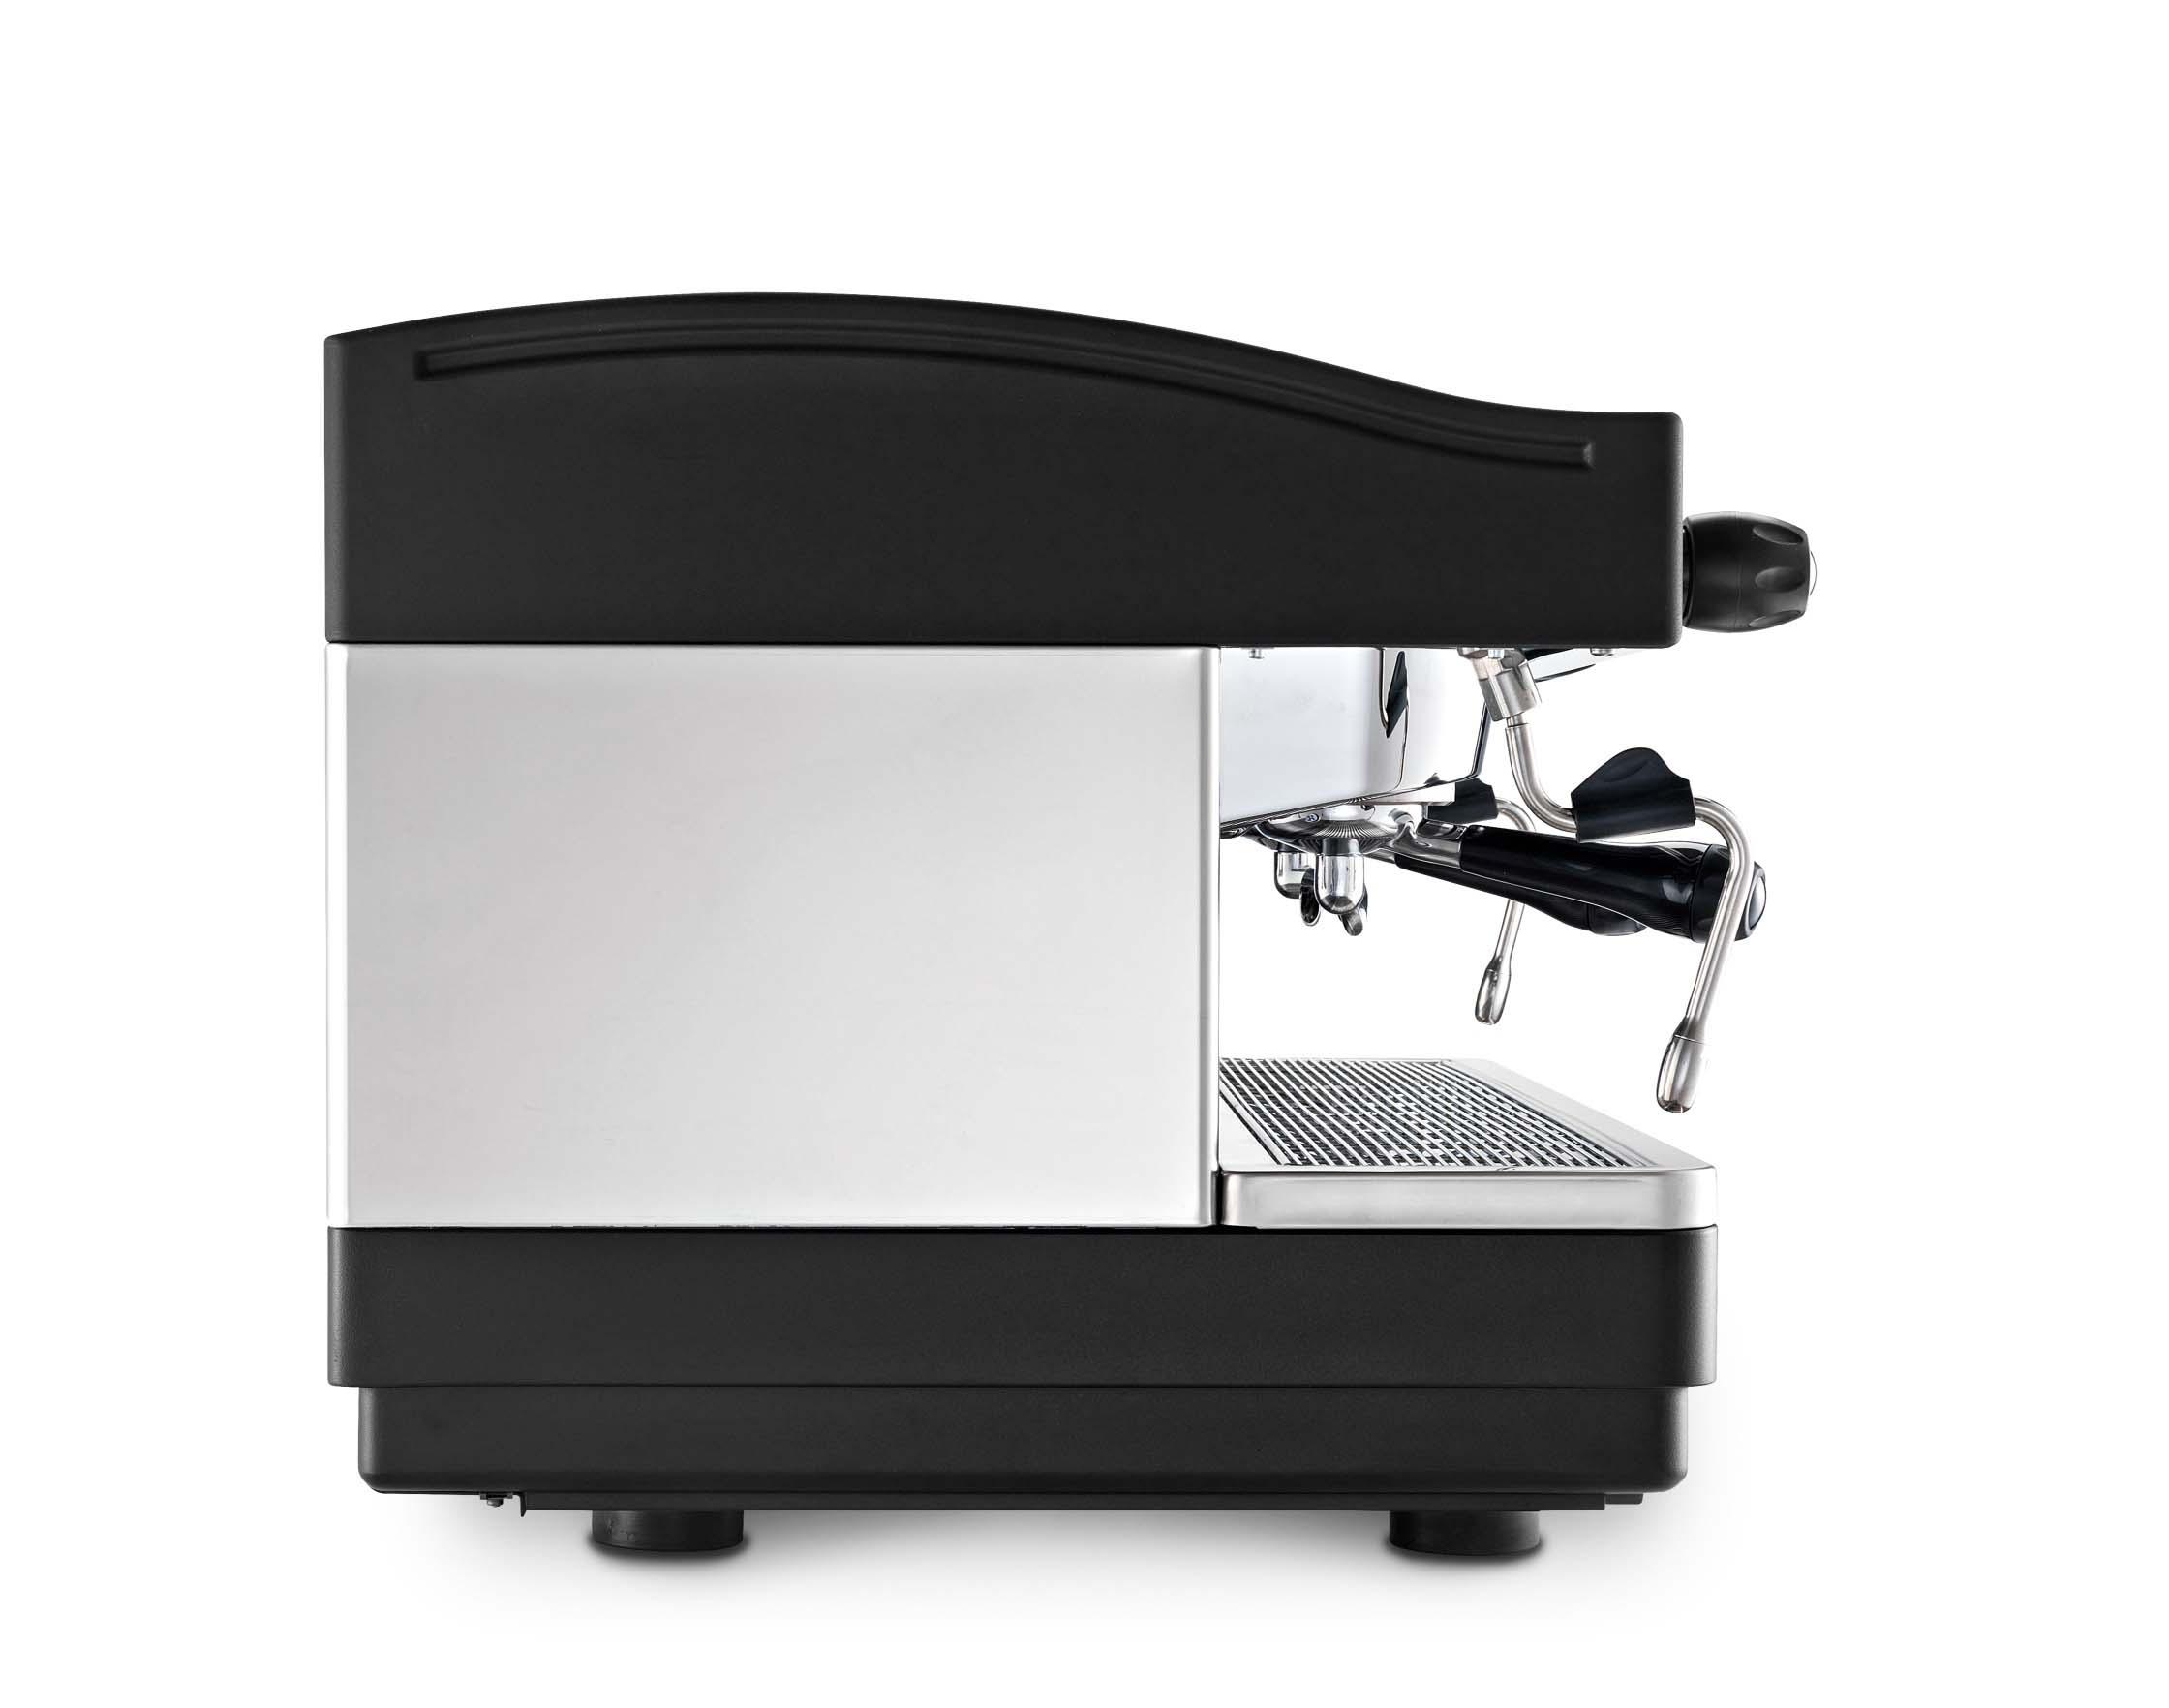 la cimbali espressoart la cimbali m27 re. Black Bedroom Furniture Sets. Home Design Ideas